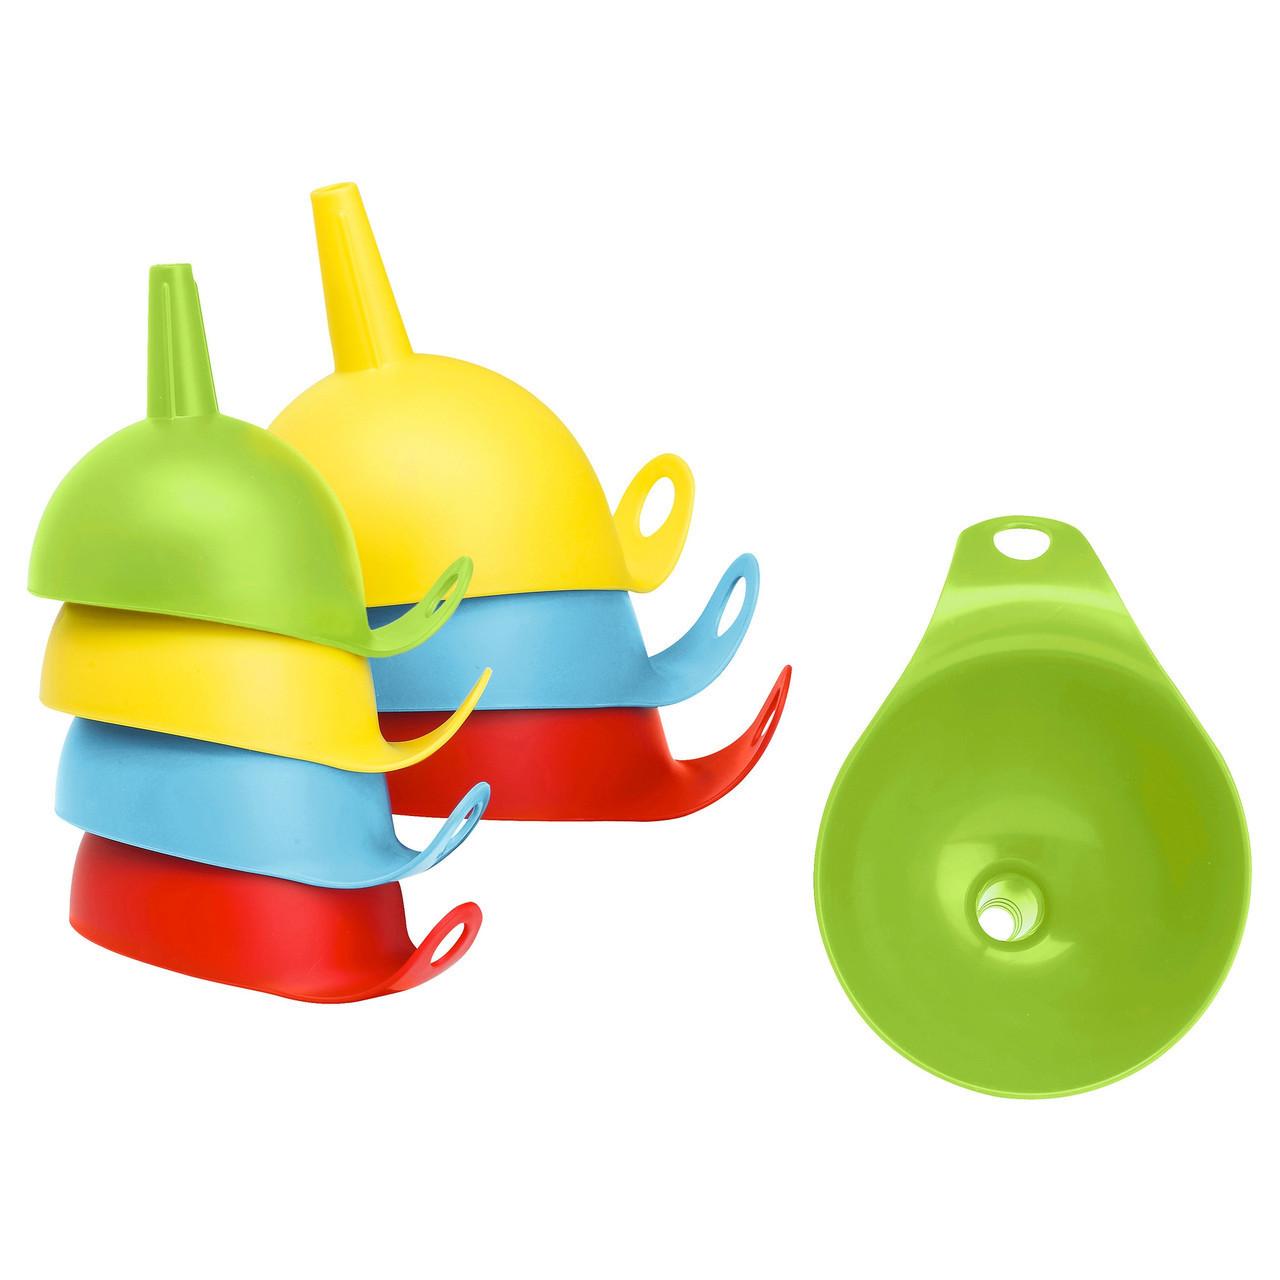 Набор воронок икеа CHOSIGT,2 штуки, разные цвета, IKEA, 701.531.79